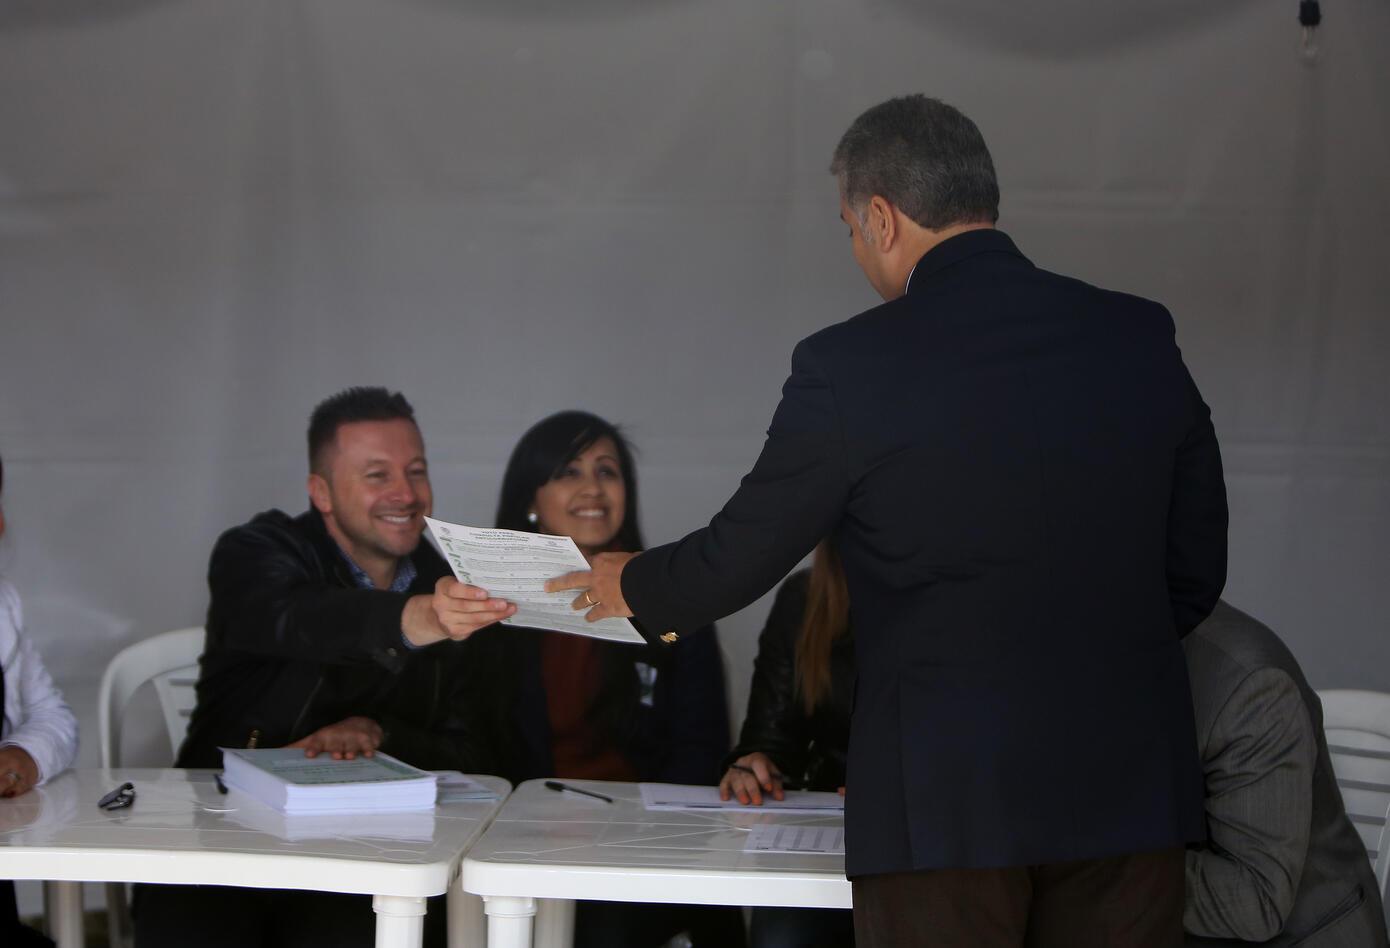 DUQUE VOTÓ LA CONSULTA ANTICORRUPCIÓN